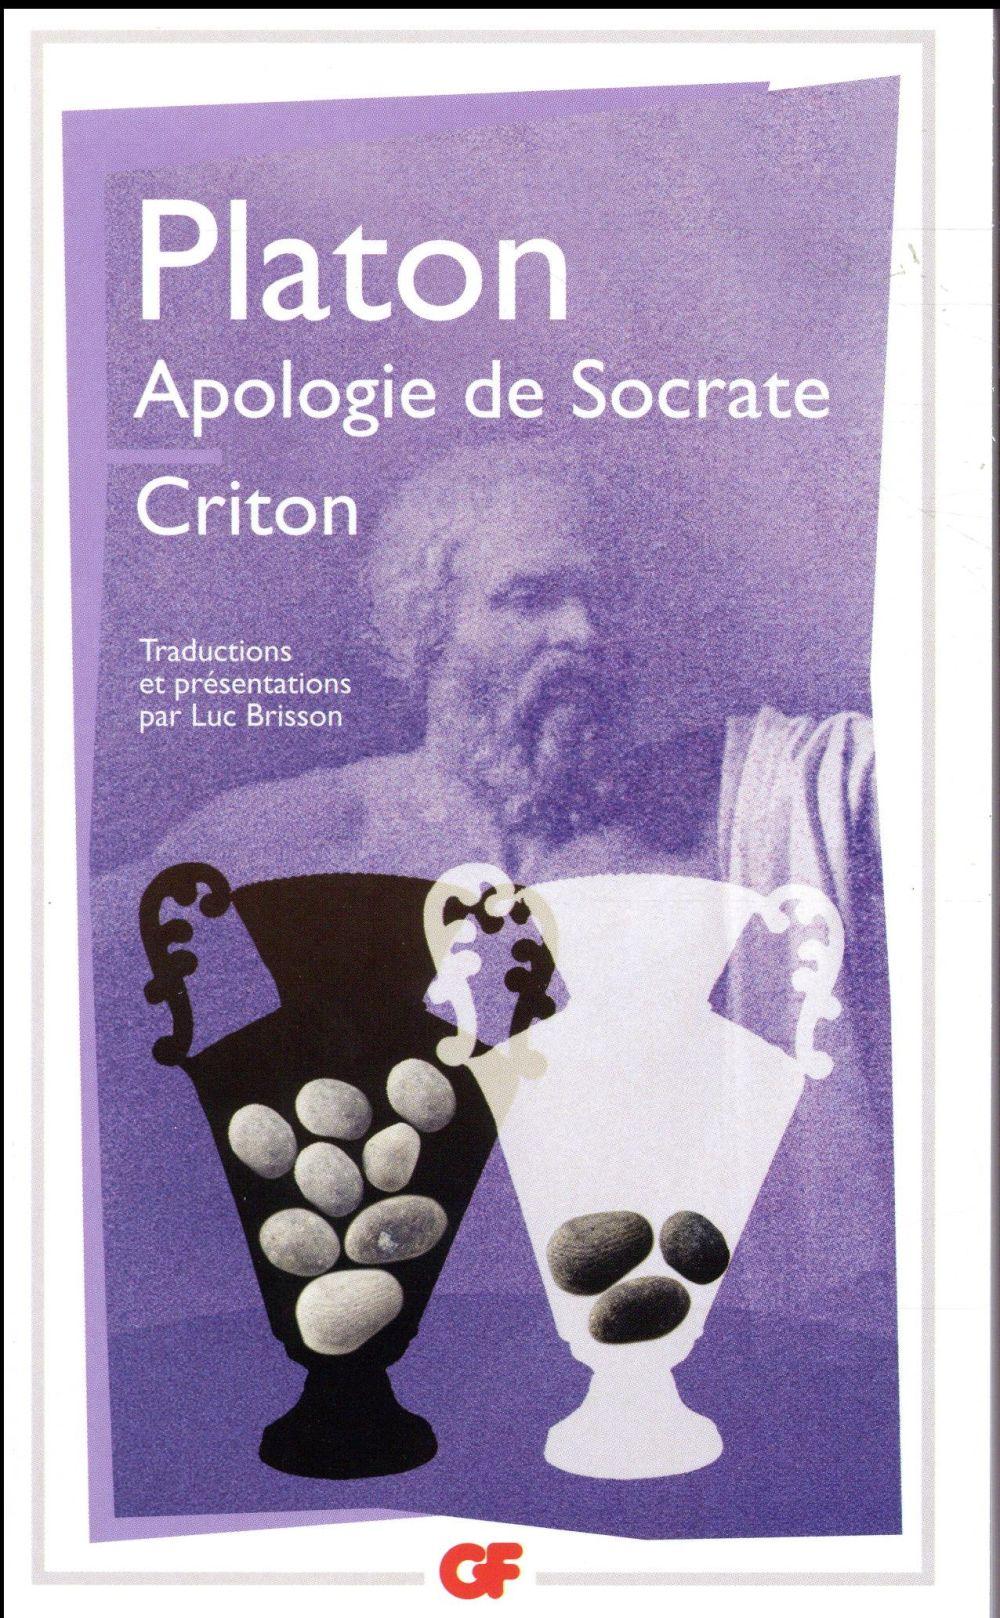 APOLOGIE DE SOCRATE  -  CRITON PLATON Flammarion